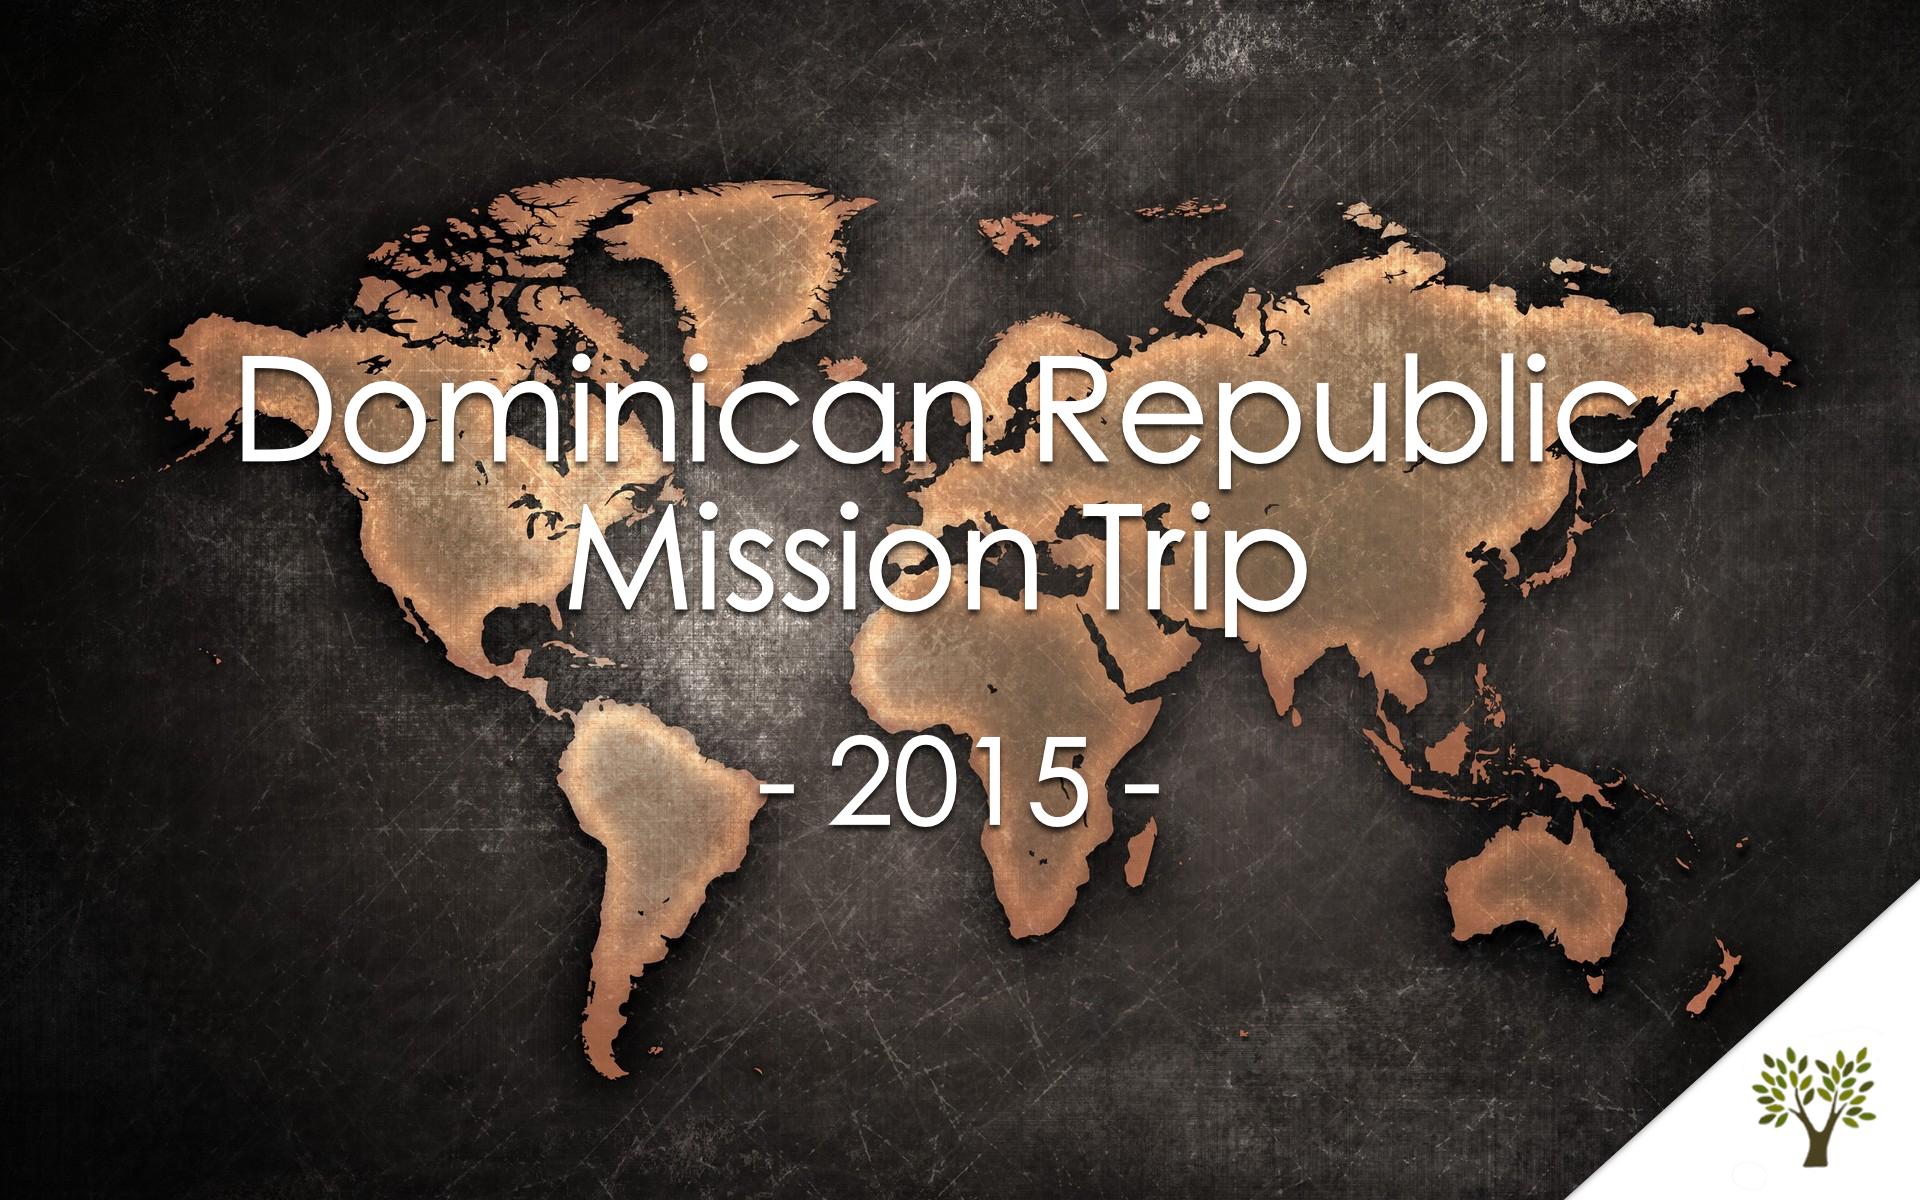 Dominican Republic Mission Trip - 2015